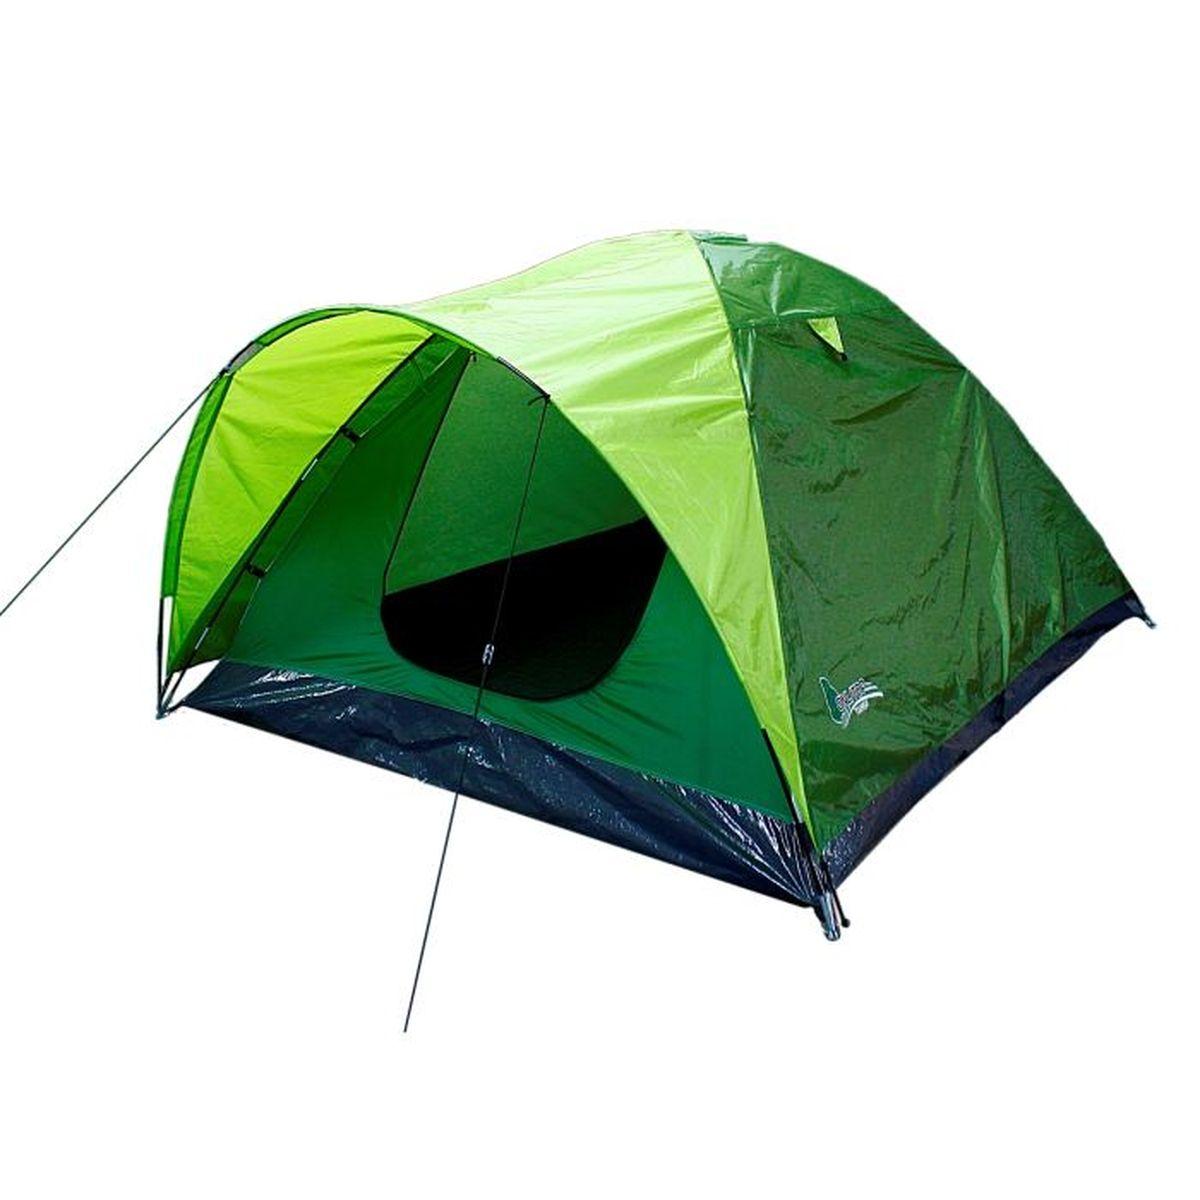 Палатка туристическая Onlitop COLITE 3, двухслойная, цвет: зеленый776289Двухслойная туристическая палатка COLITE — это незаменимое спальное место в походных условиях. Она станет вашим вторым домом в походе и отдыхе на природе. Объём палатки позволяет с комфортом разместиться трём людям сразу или двоим с дополнительным багажом. Она имеет дополнительное место в виде тамбура, за счёт чего вы сэкономите драгоценное пространство. Ткань рипстоп увеличит срок эксплуатации изделия благодаря своей прочности.